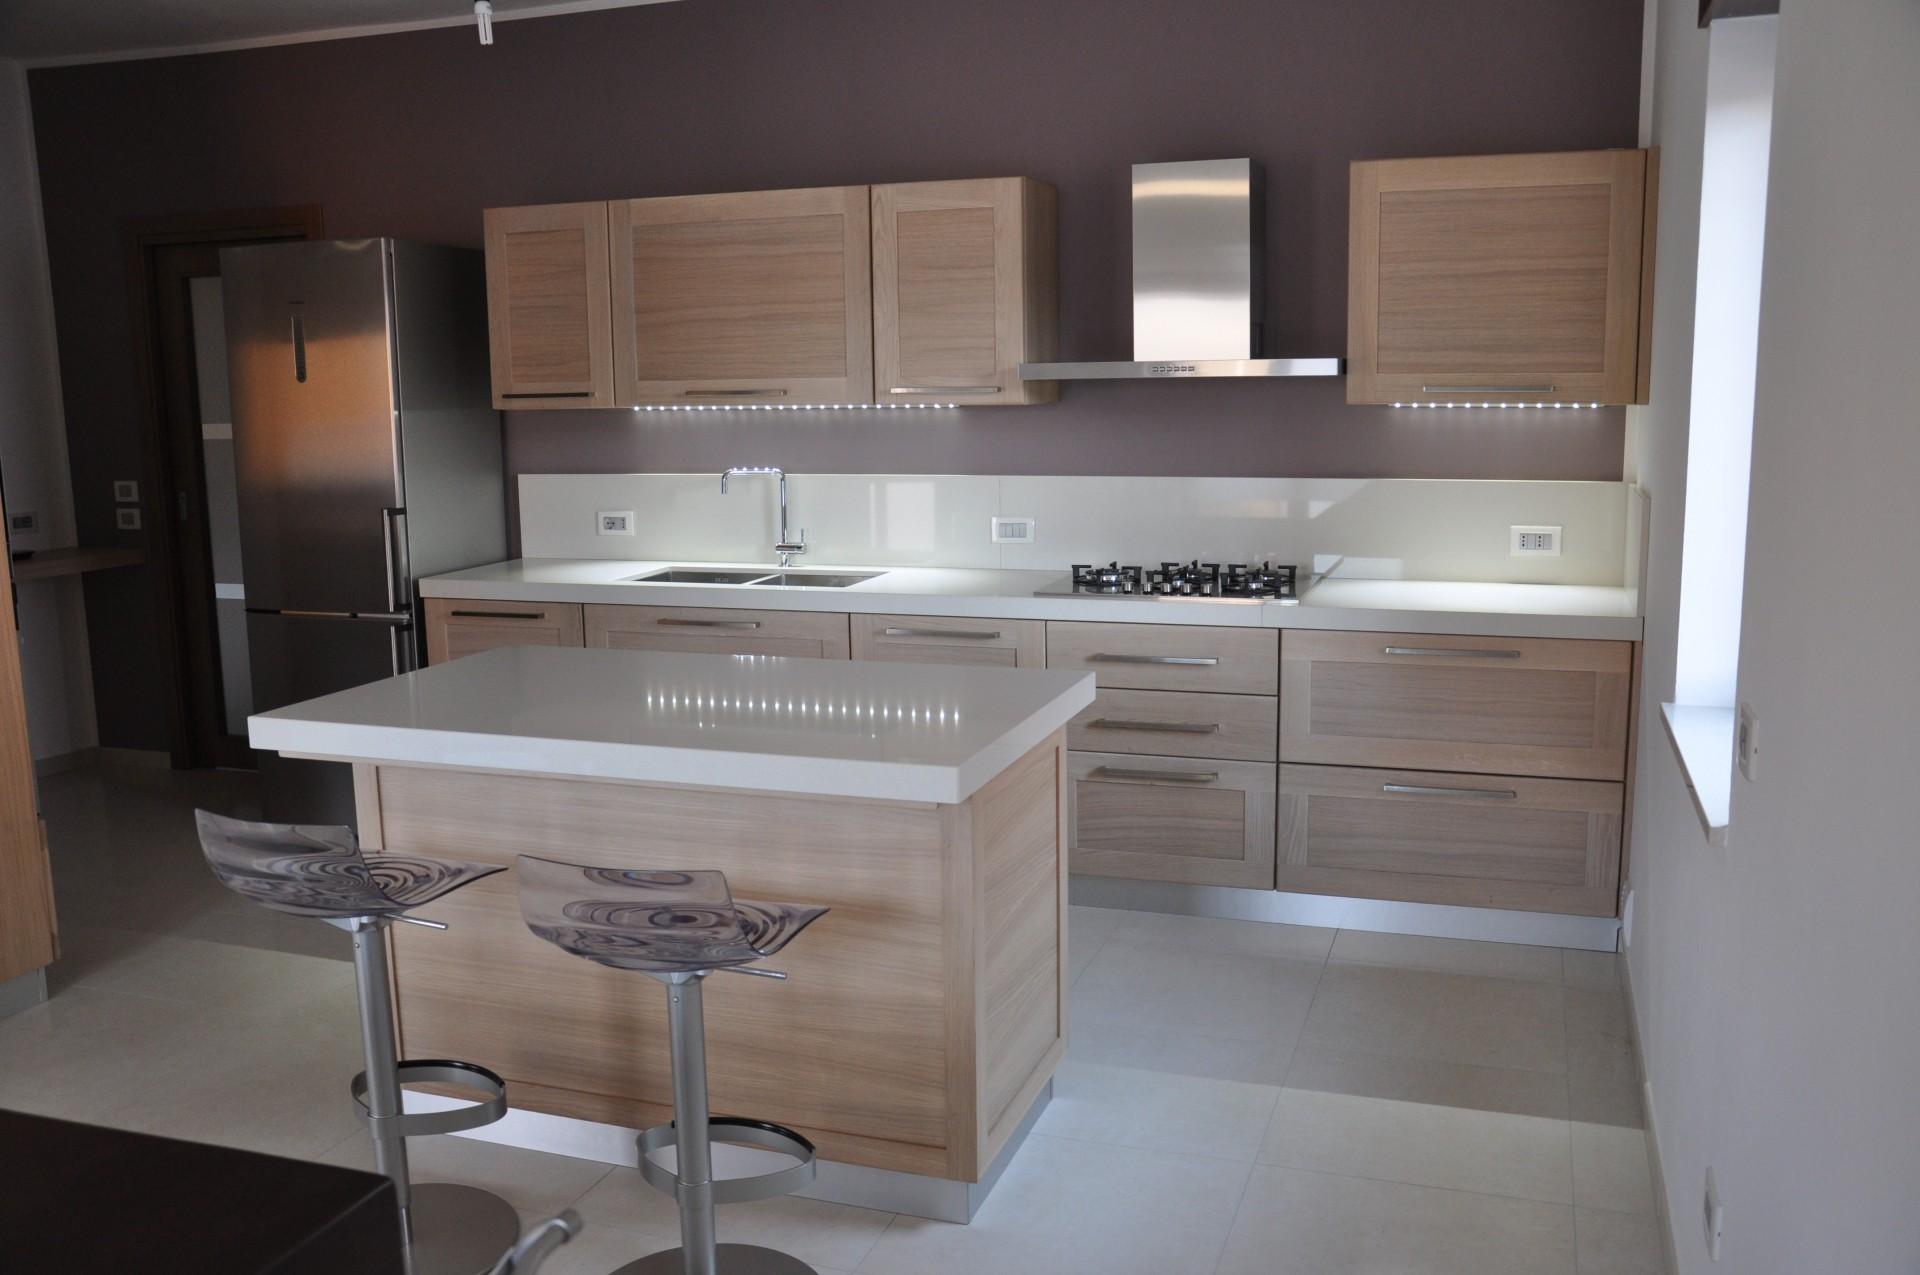 Banconi e isole per cucina fadini mobili cerea verona - Isole cucine moderne ...